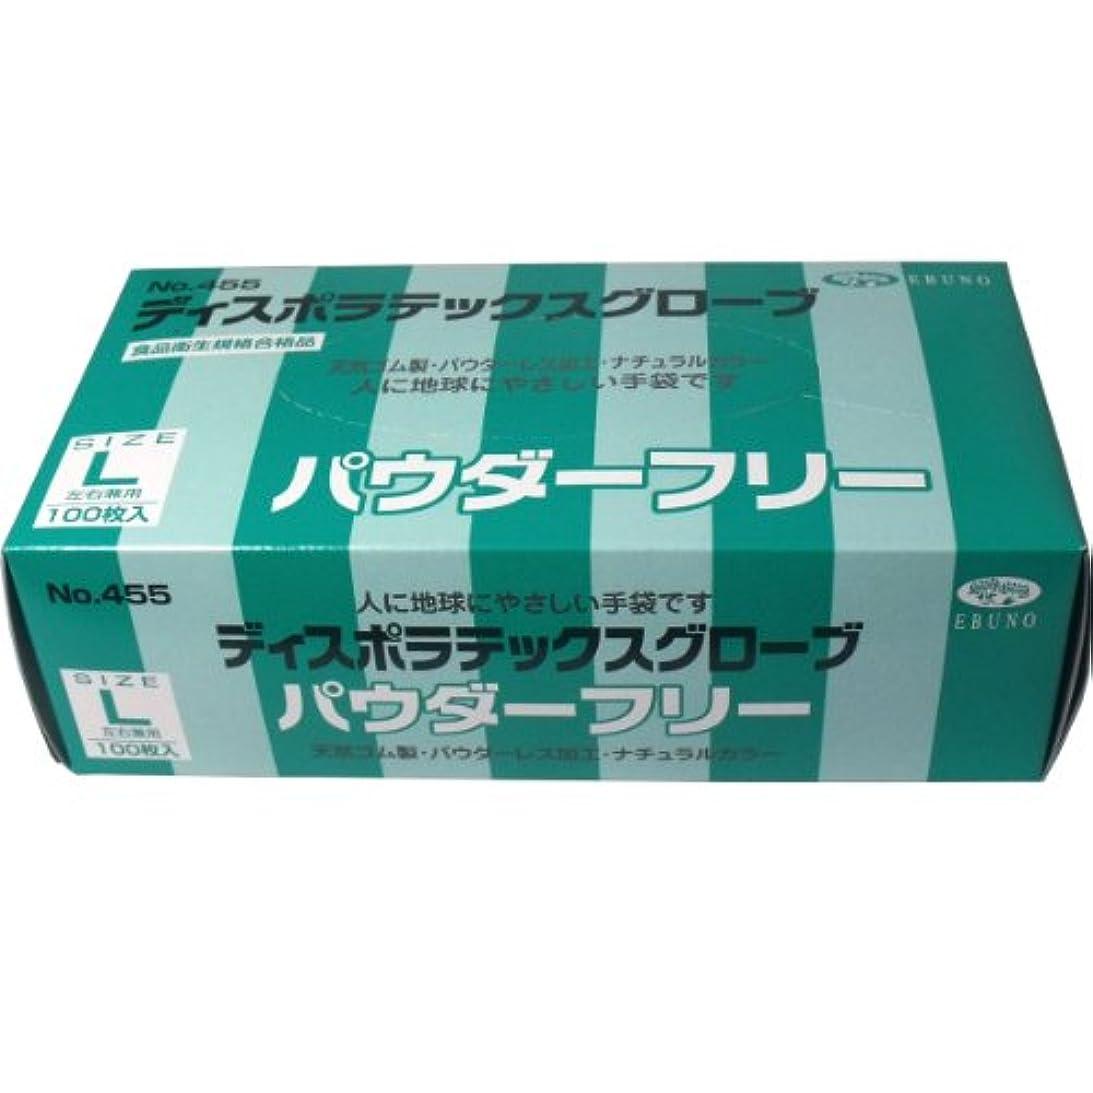 ディスポ ラテックスグローブ(天然ゴム手袋) パウダーフリー Lサイズ 100枚入【2個セット】